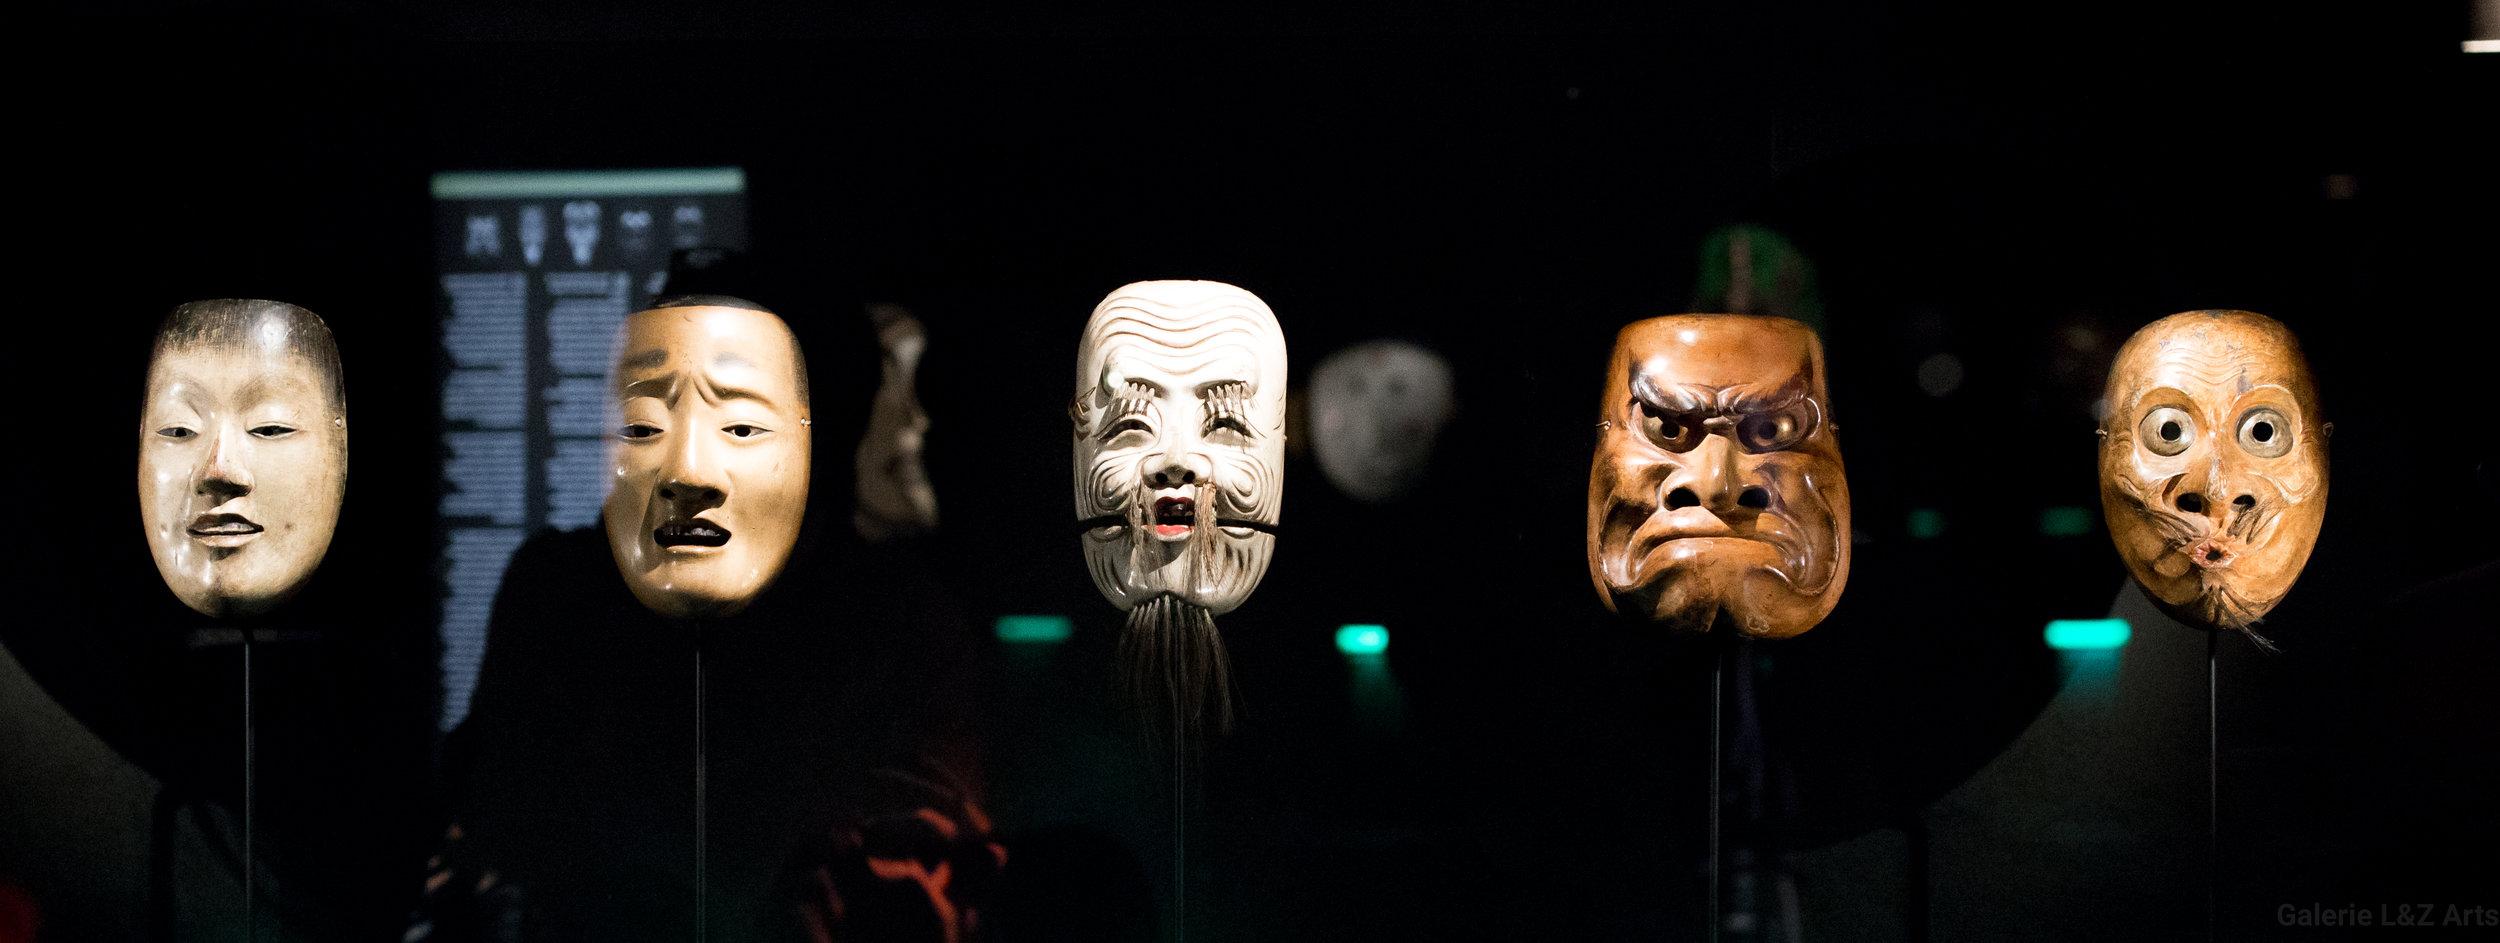 exposition-masque-art-tribal-africain-musee-quai-branly-belgique-galerie-lz-arts-liege-cite-miroir-oceanie-asie-japon-amerique-art-premier-nepal-46.jpg